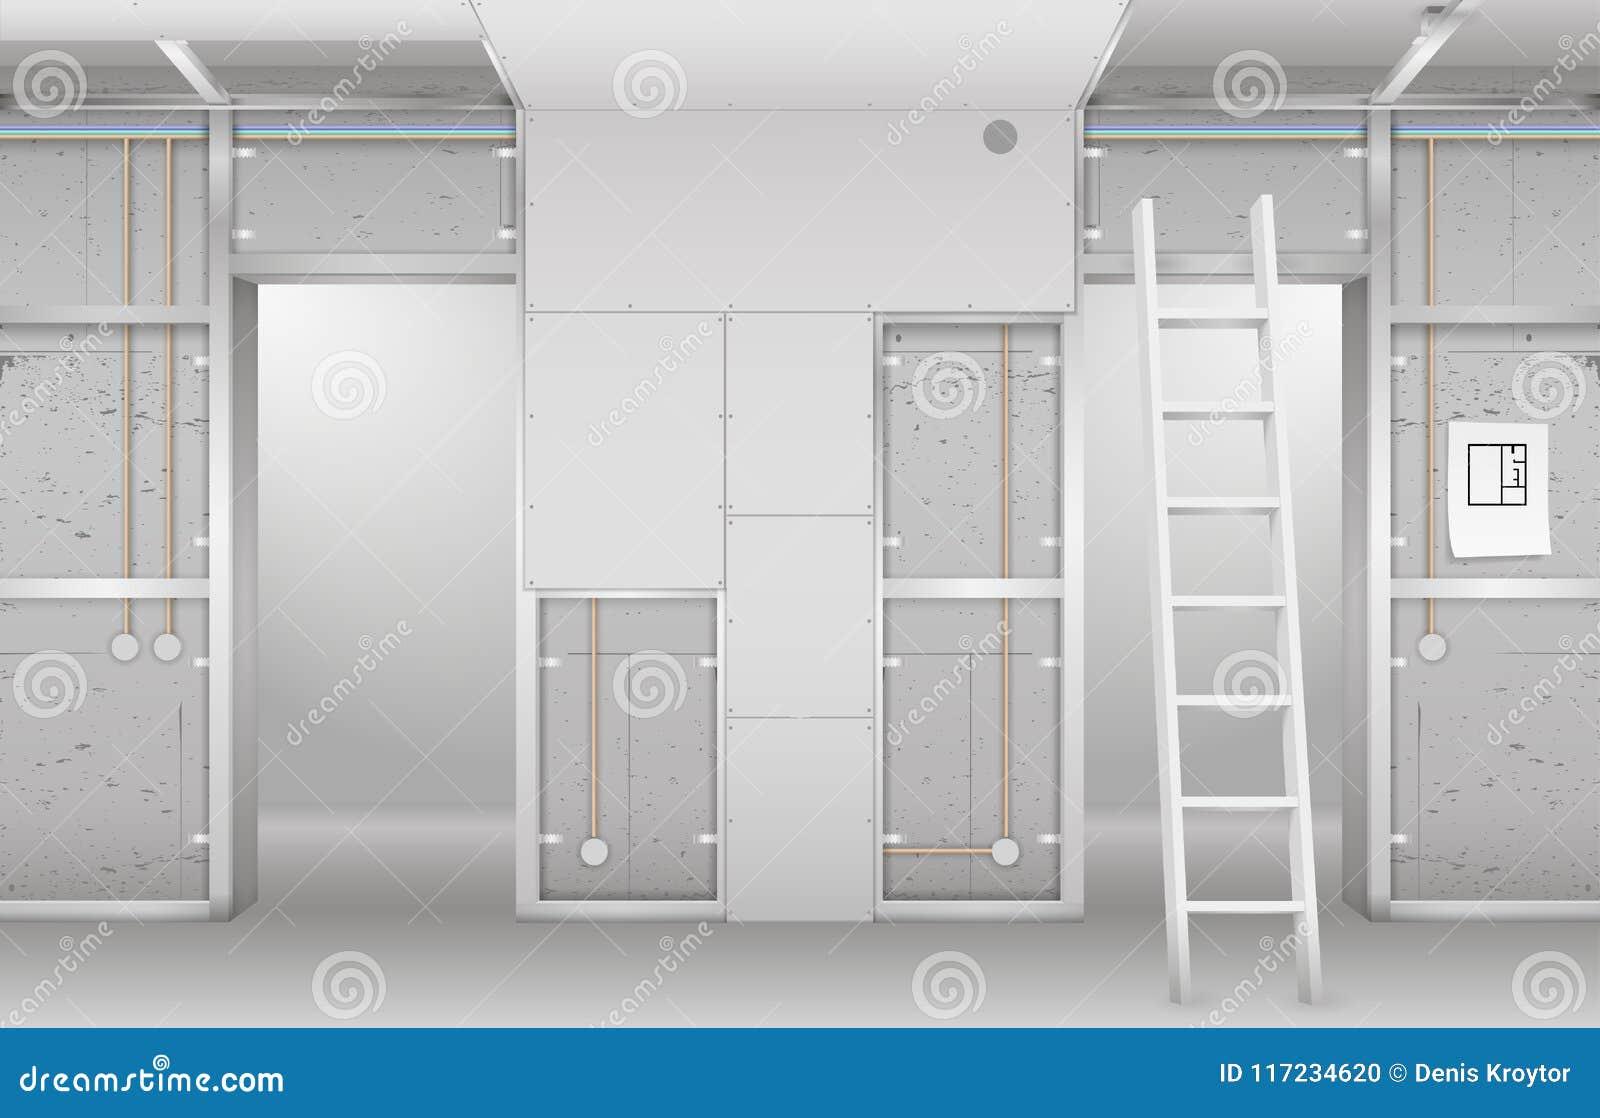 Interior Under Construction Stock Illustration - Illustration of ...